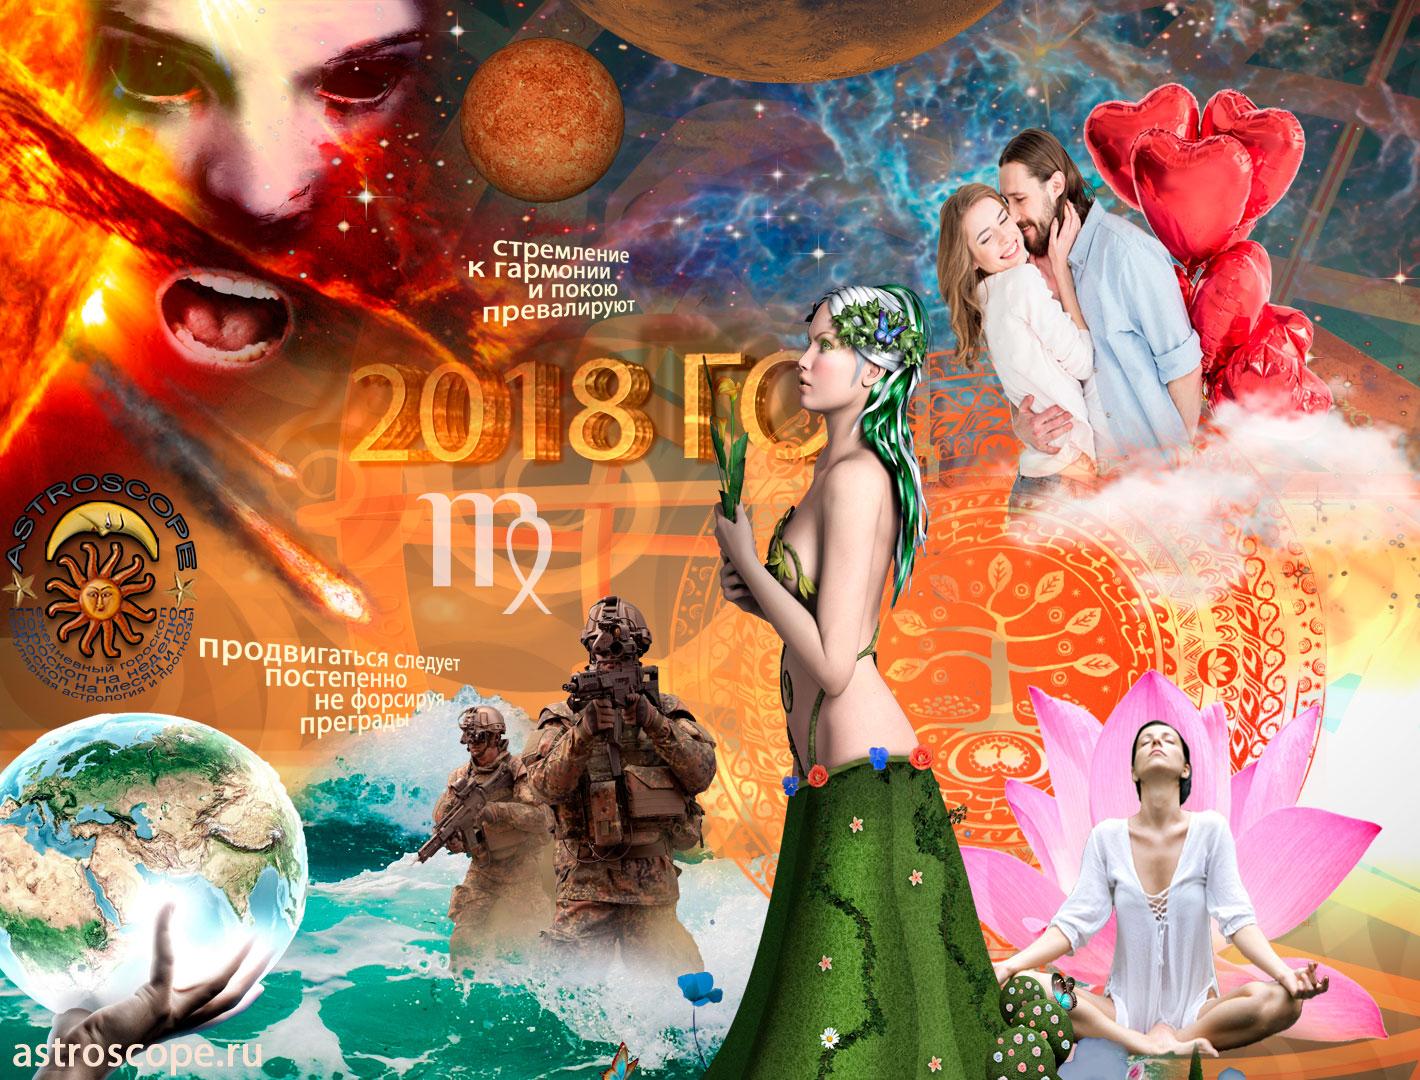 Гороскоп на 2019 Дева, что ждёт Дев в 2019 году